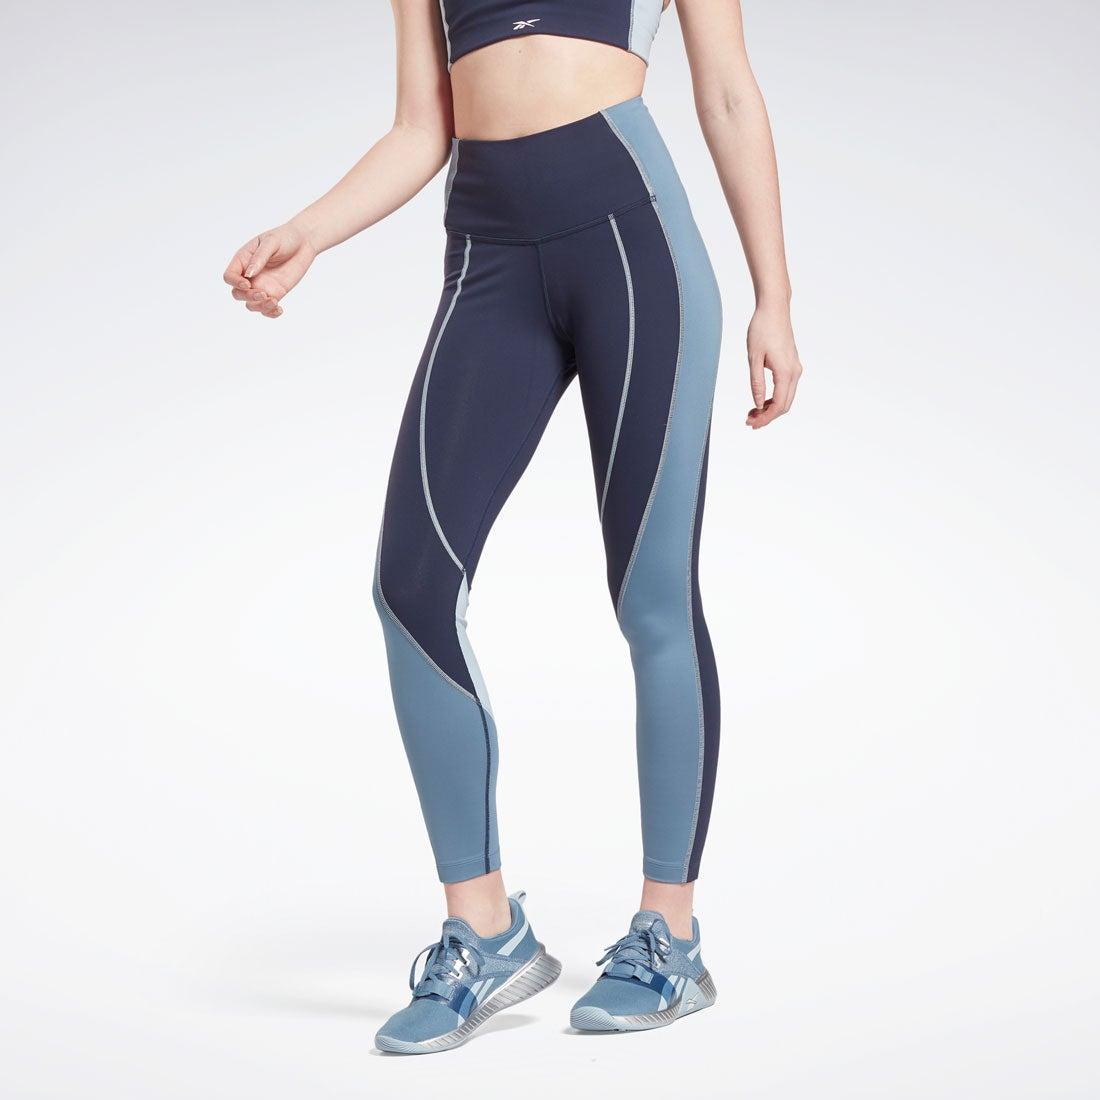 リーボック Reebok Lux ハイライズ カラーブロック レギンス / Lux High-Rise Colorblock Leggings (ブルー)